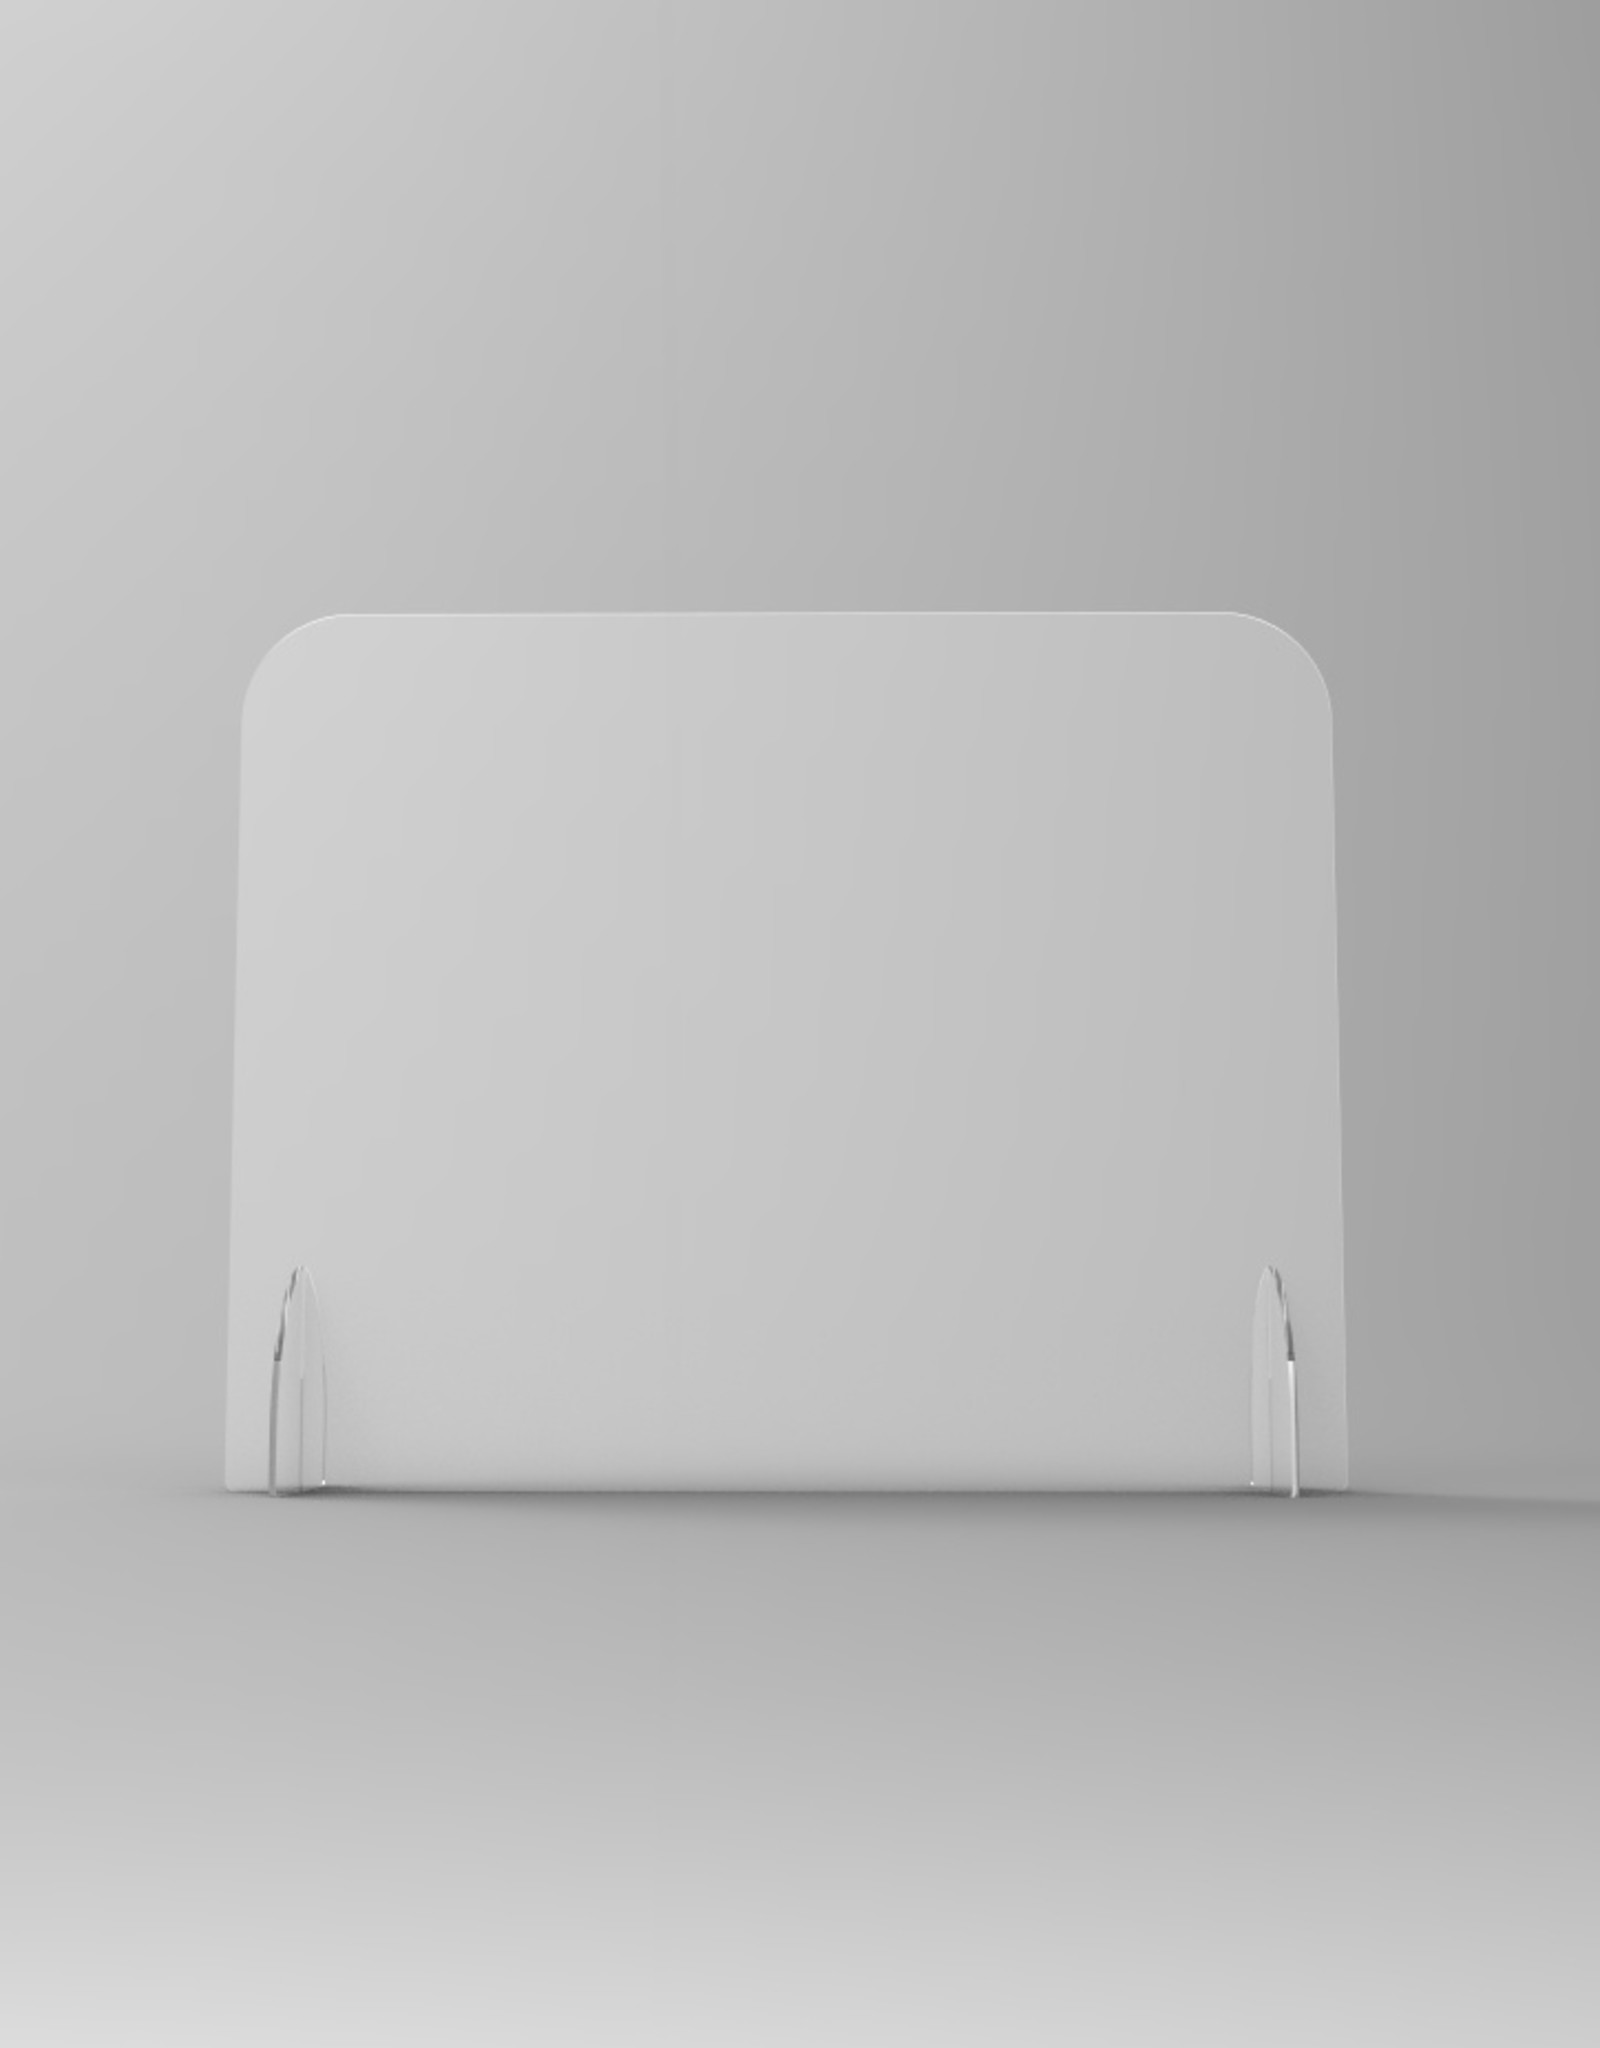 Brouwer Sign SaveScreen baliescherm glashelder 100x80cm(zonder uitsparing)